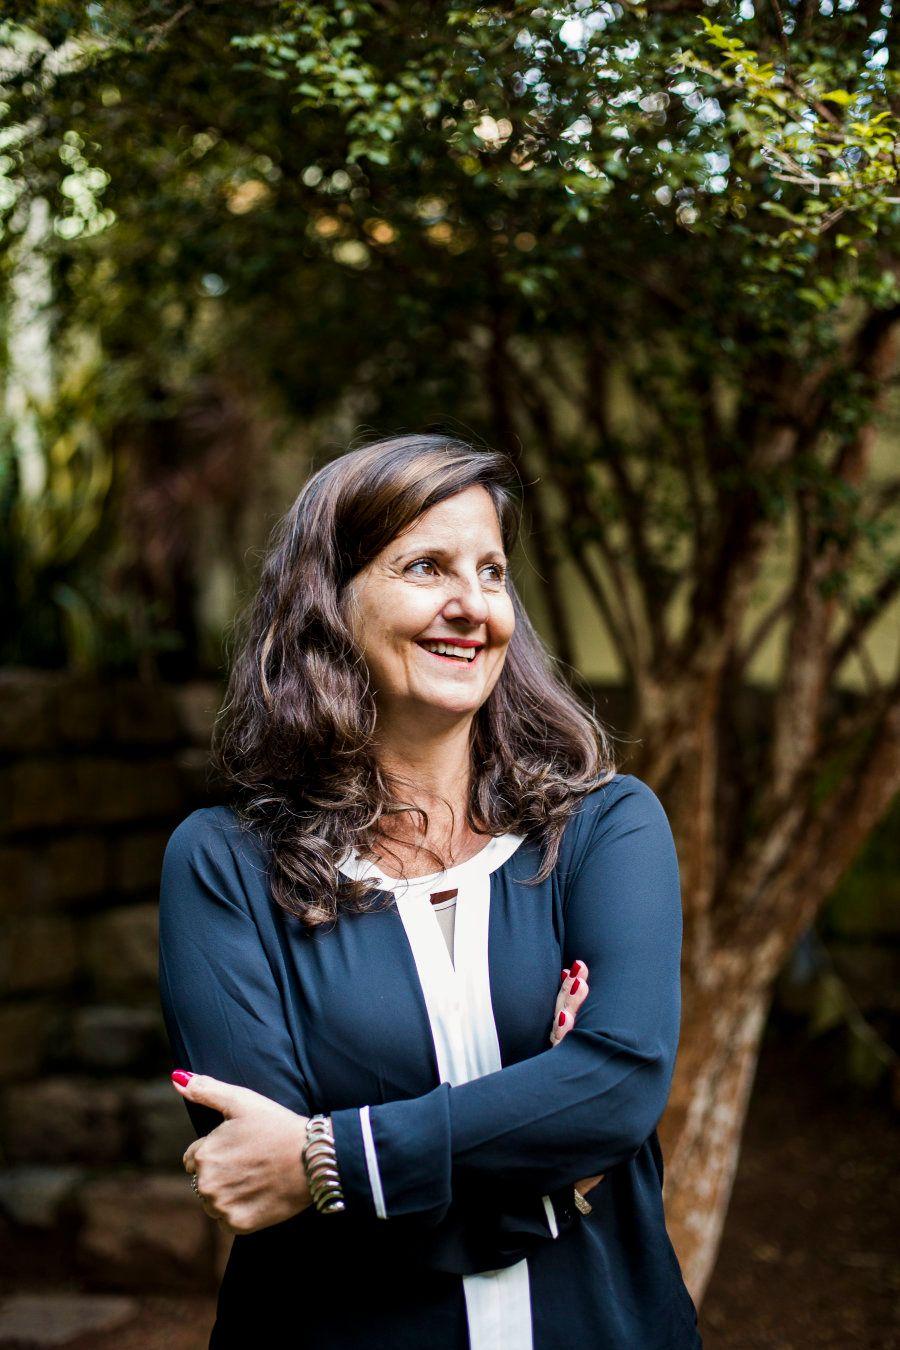 Aos 58 anos, Silvia é pioneira no estudo da saúde e não da doença, quando tema é vulnerabilidade e situação...